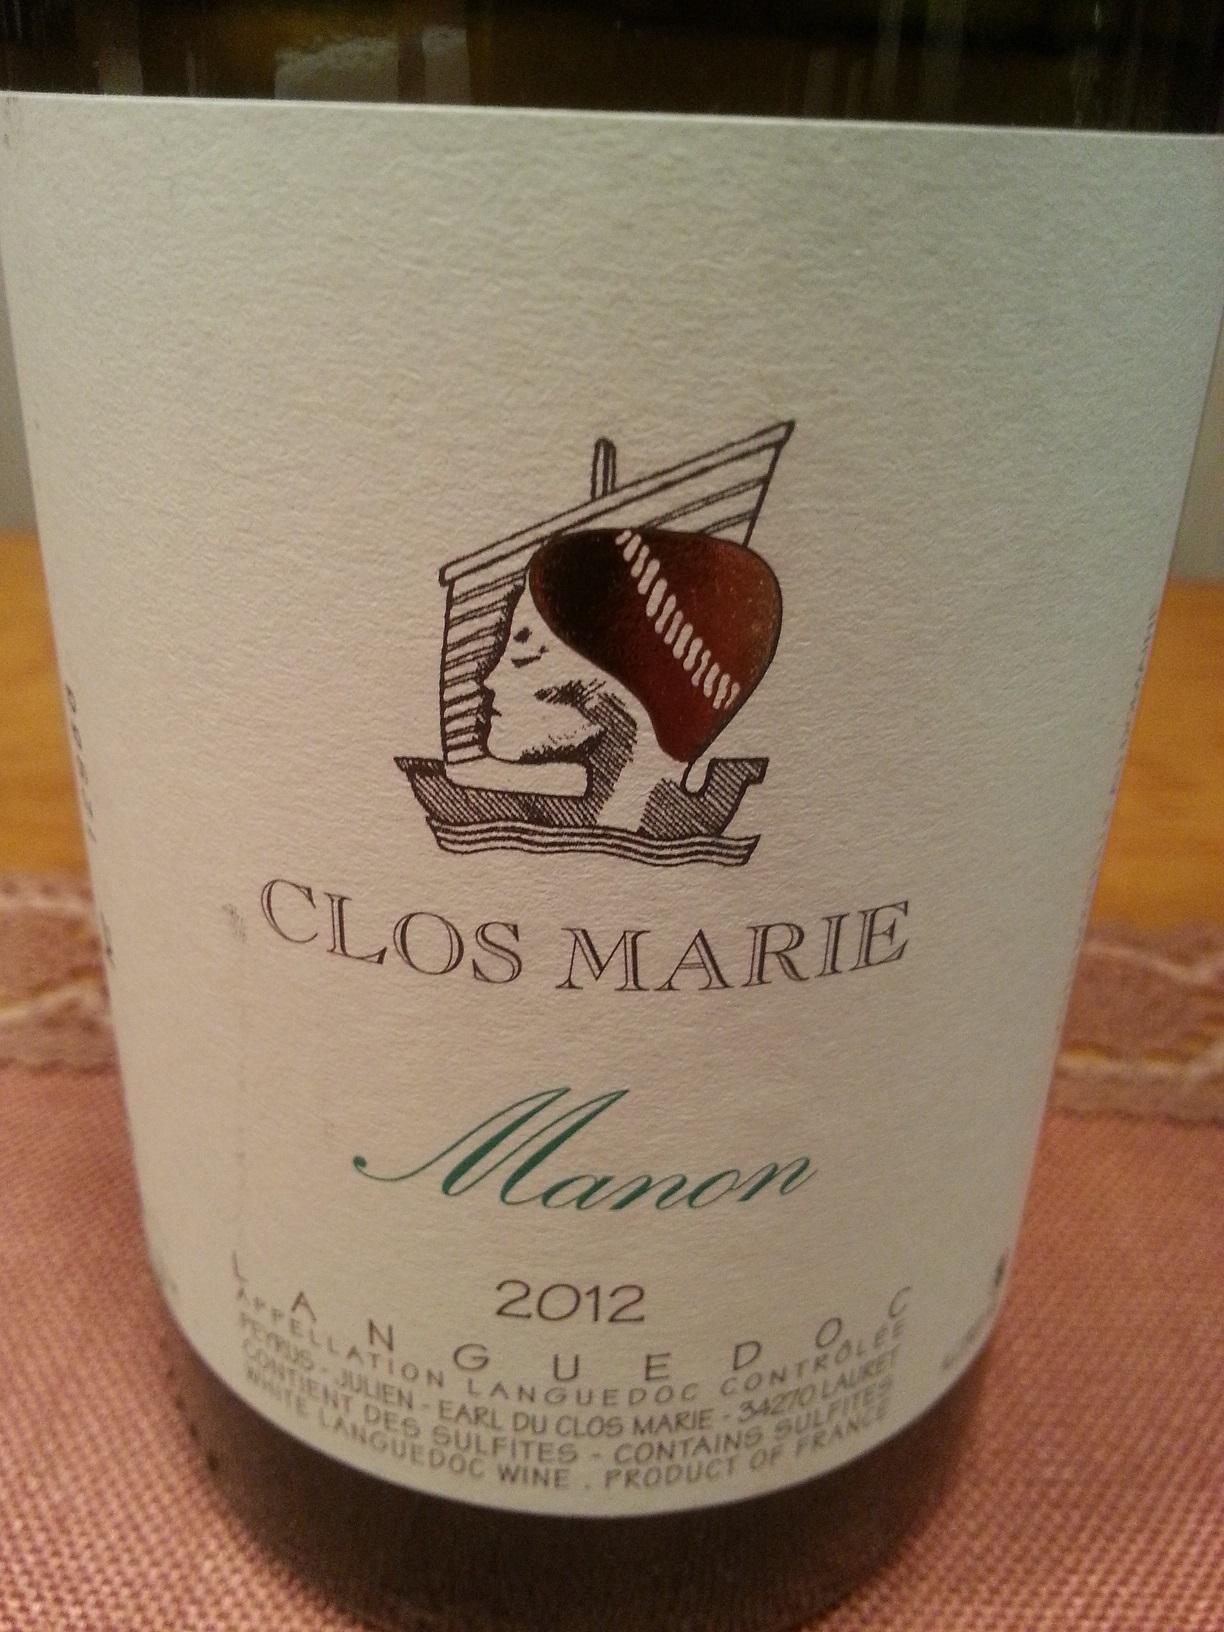 2012 Manon Côteaux de Languedoc | Clos Marie